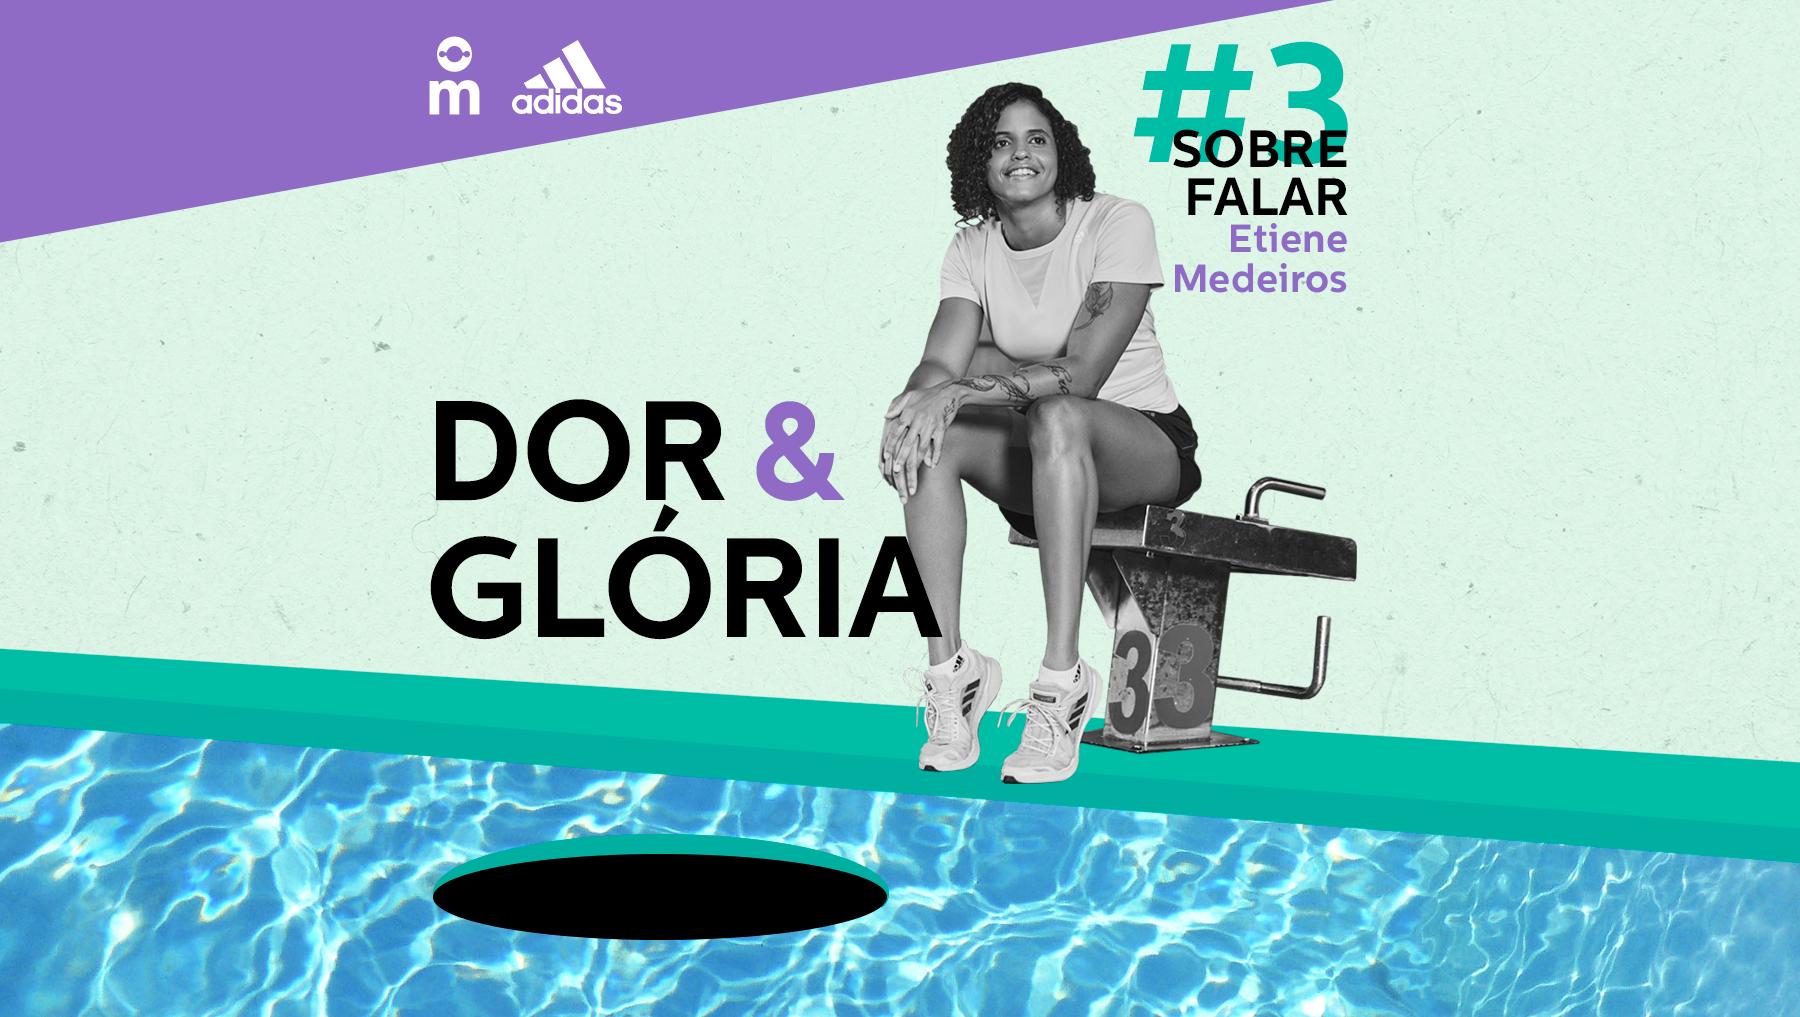 dor-gloria-ep-3-sobre-falar-com-etiene-medeiros